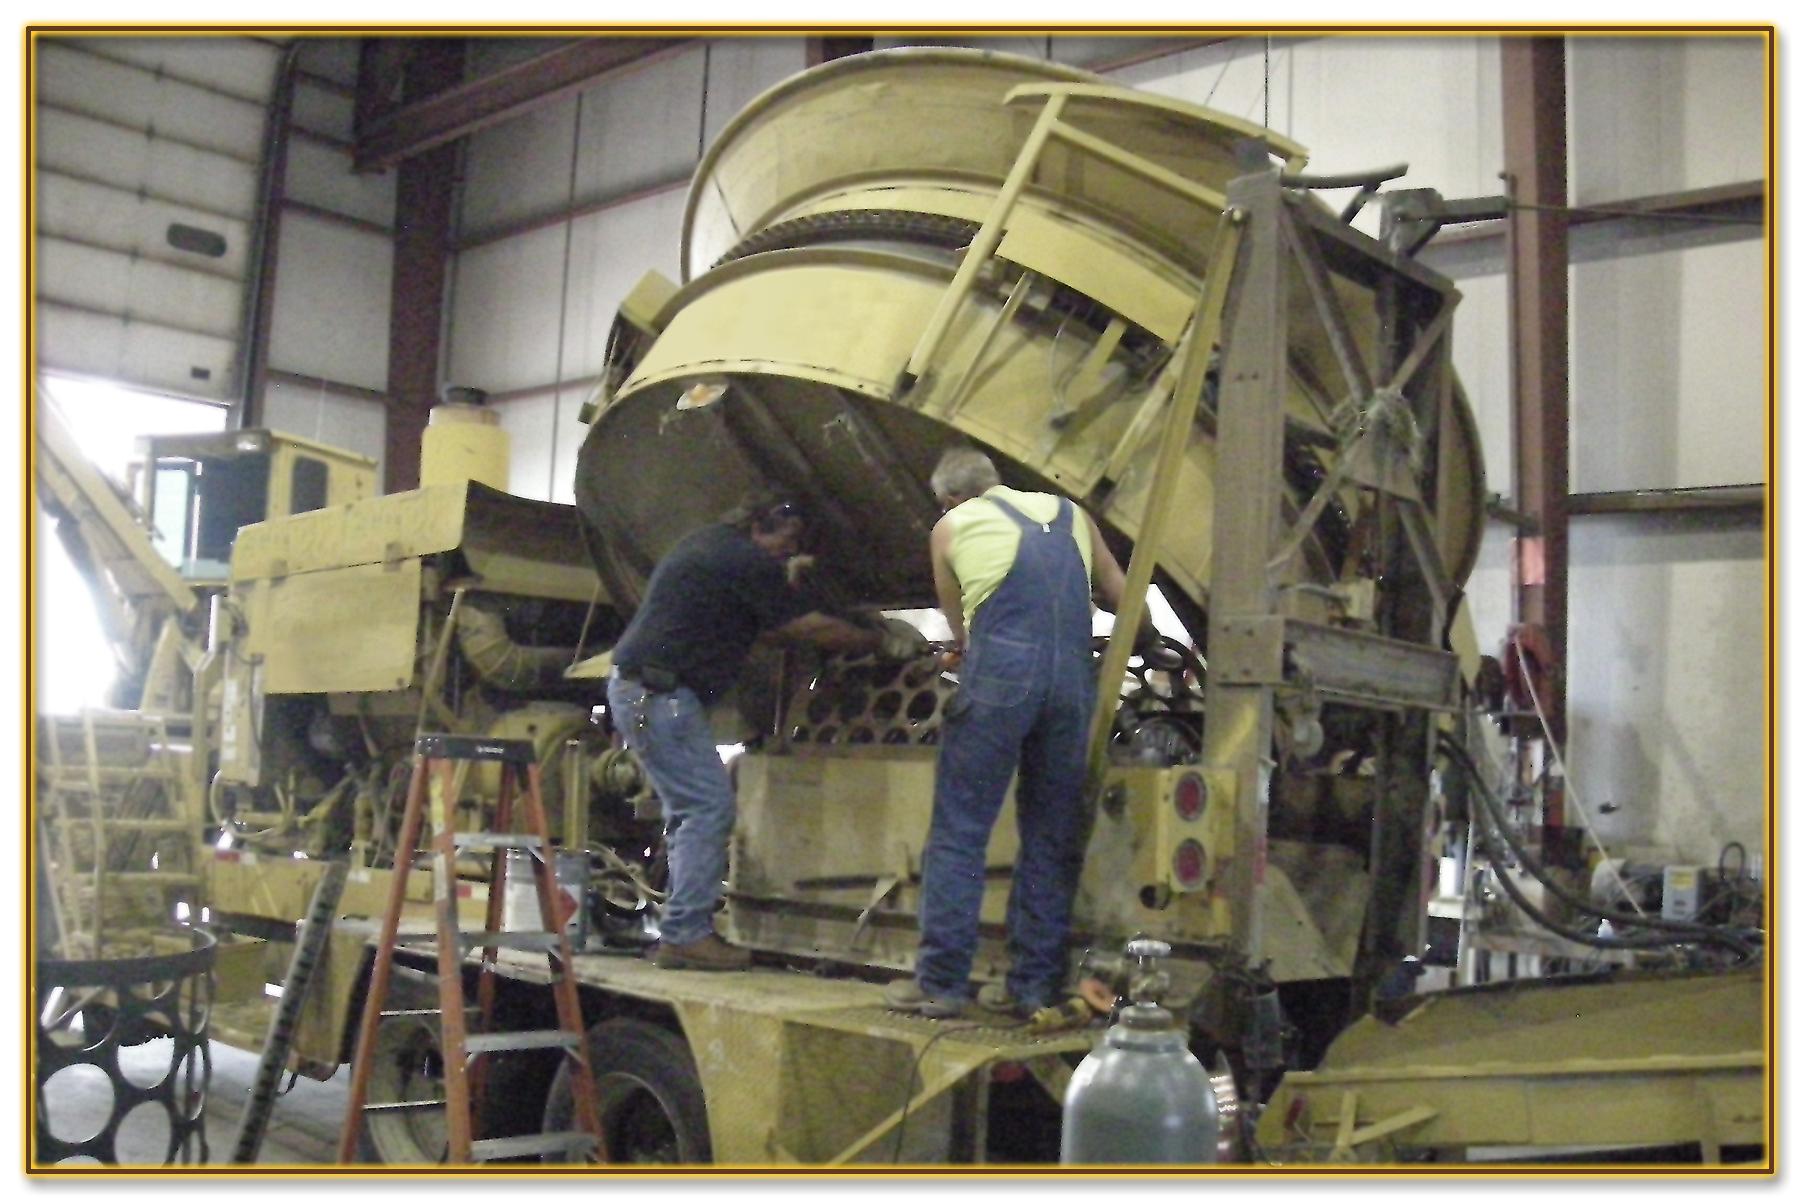 13 DynaHog® Grinder Repair Service